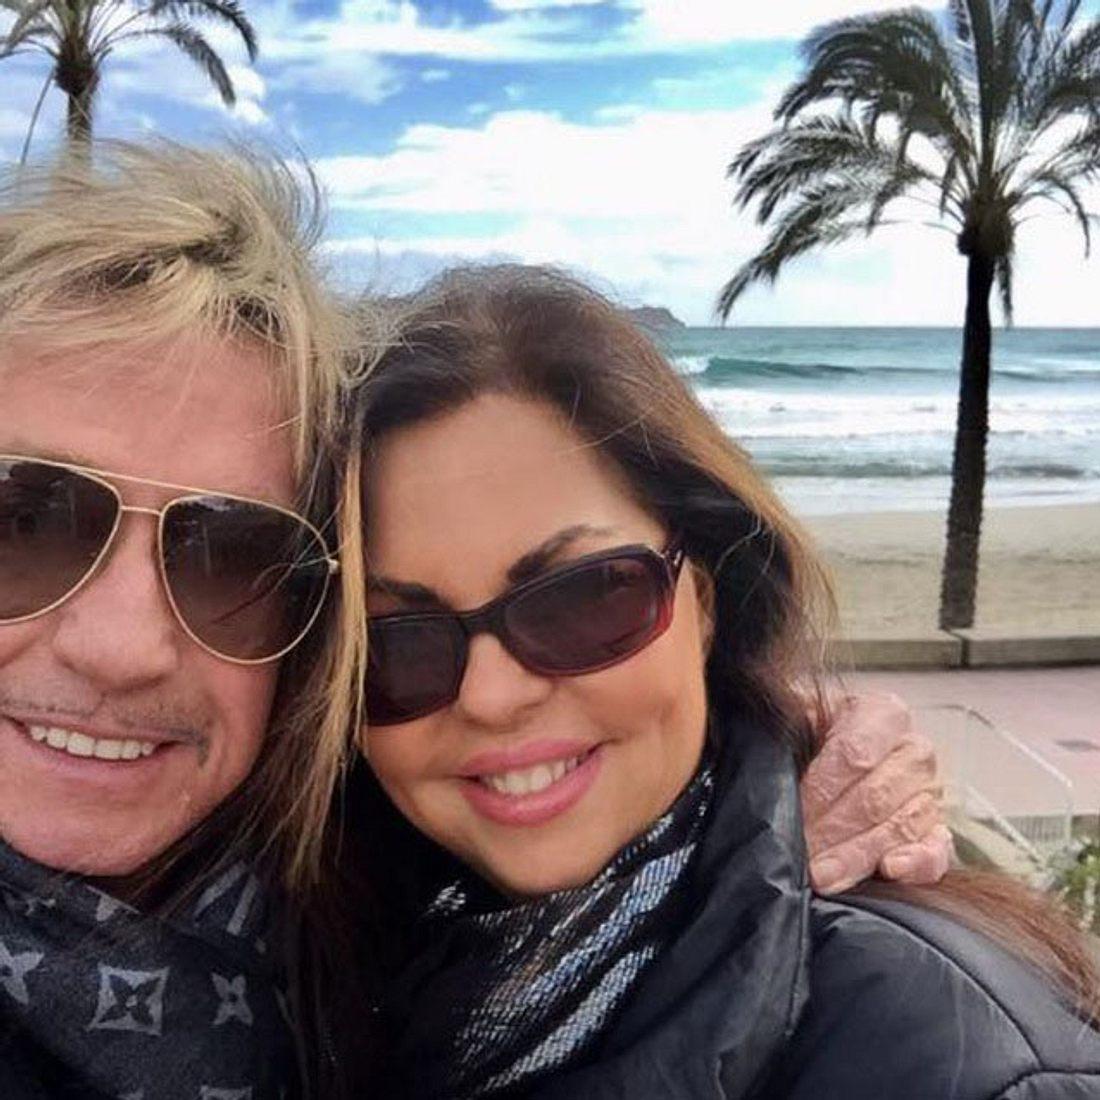 Bert Wollersheim ist total verliebt in seine Freundin Bobby